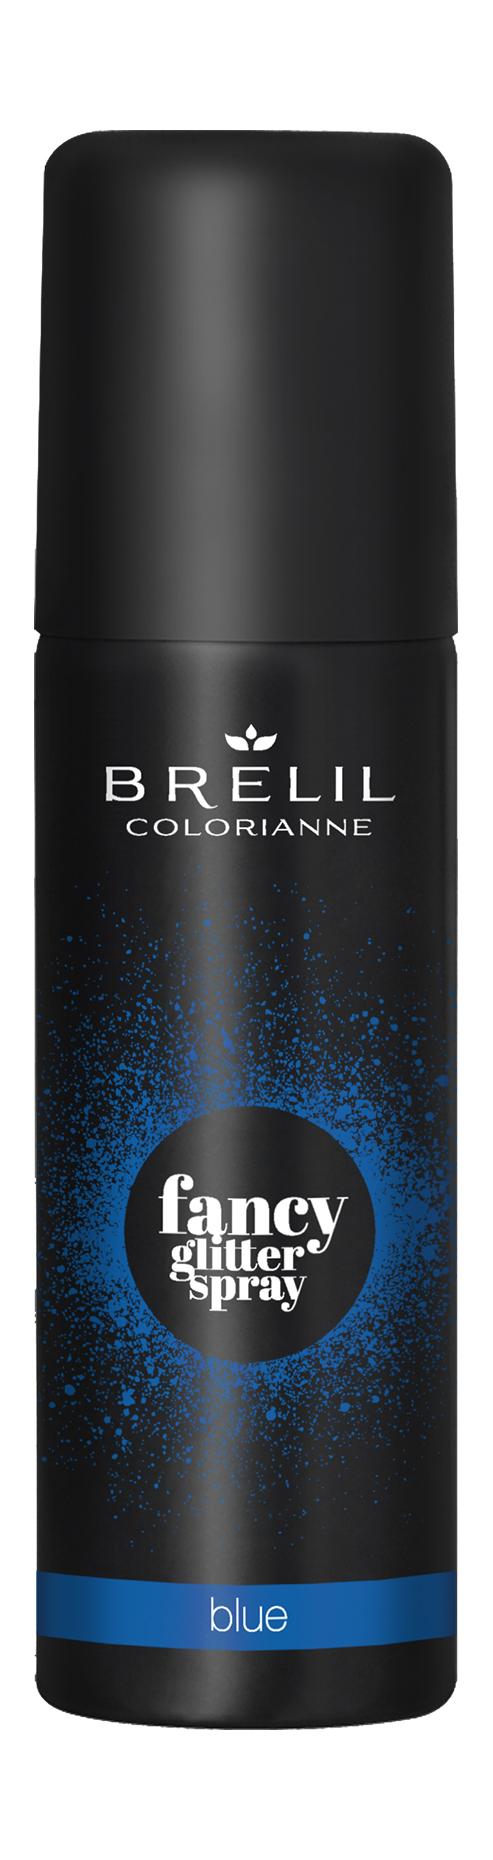 Купить Спрей-макияж для волос Brelil Colorianne Fancy Glitter Spray синий с блестками 75 мл, Brelil professional